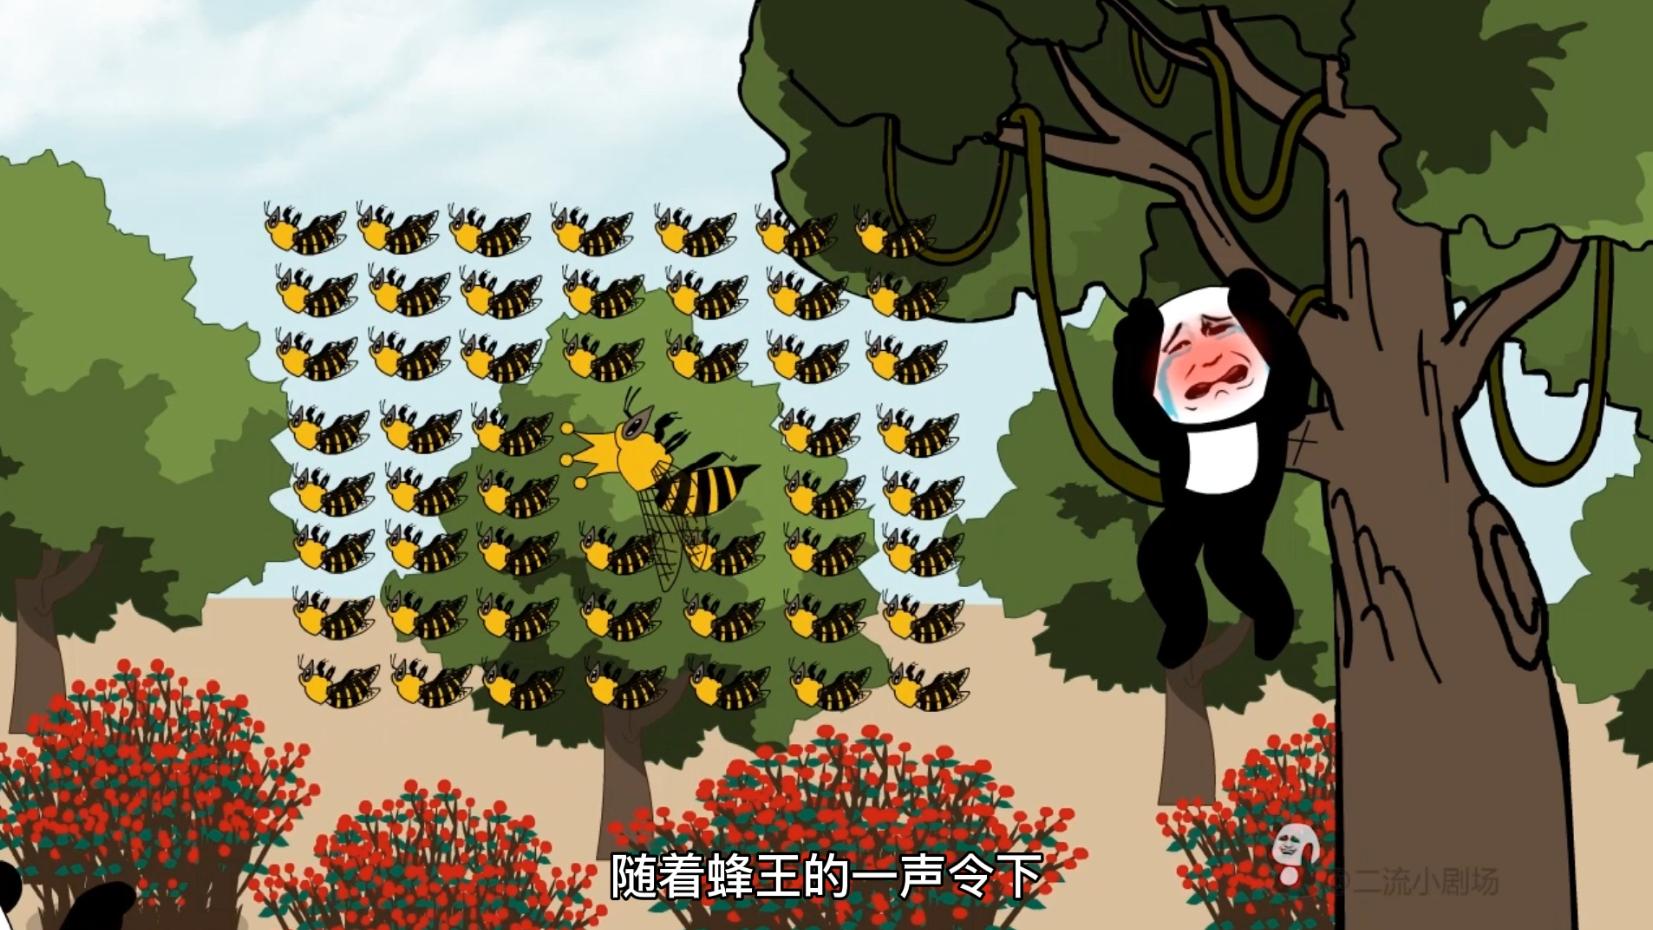 二哥战蜂群,终结者到底是二哥还是蜜蜂?